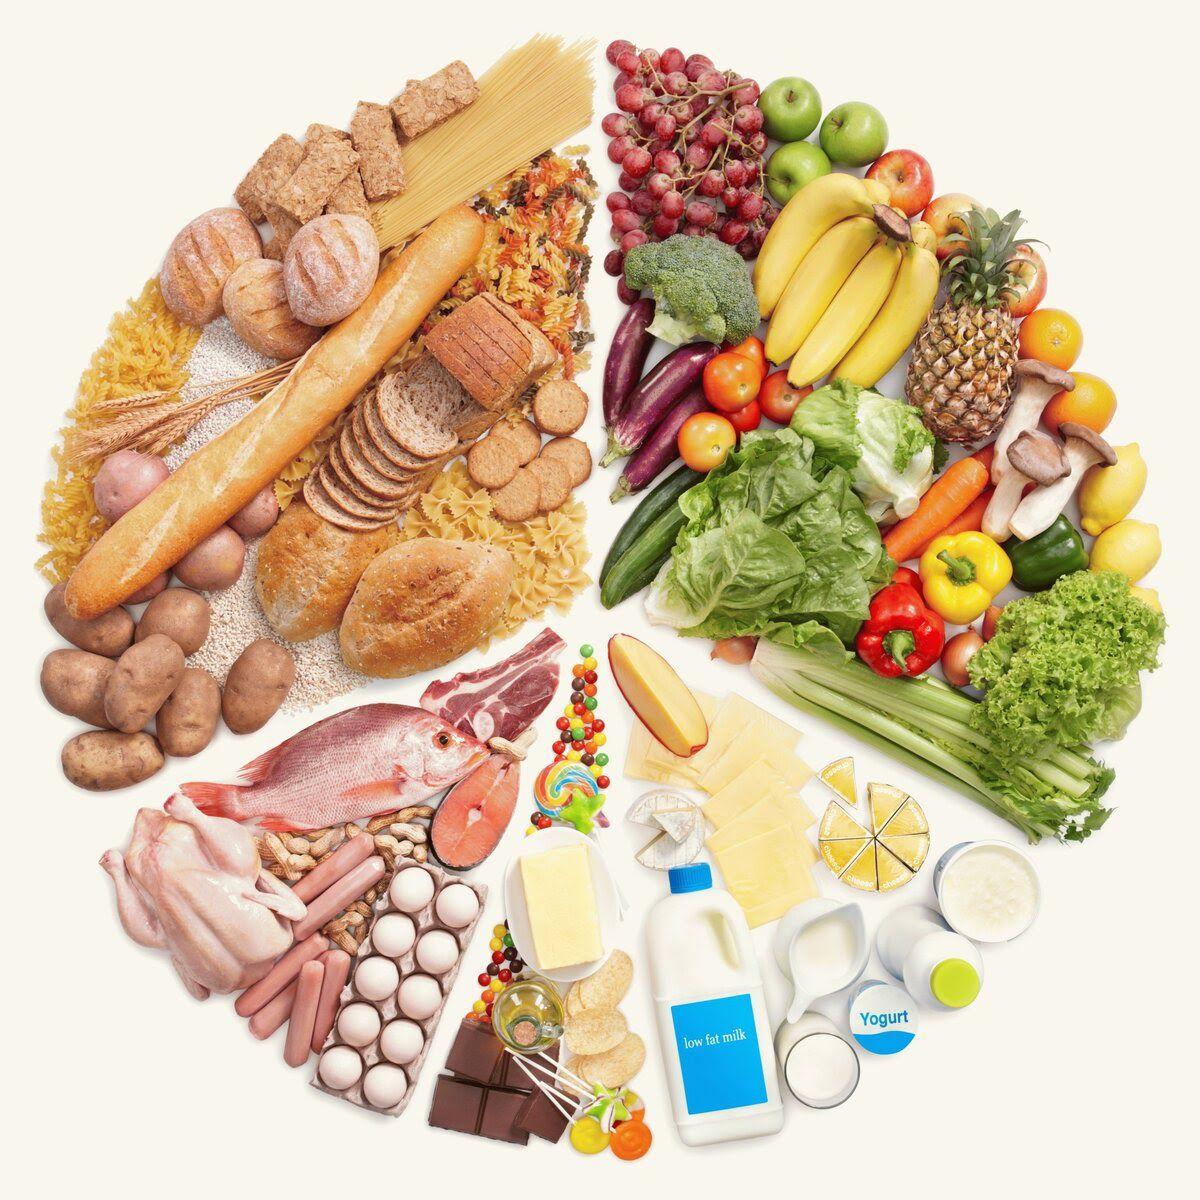 Phân loại thực phẩm giúp bảo quản tốt hơn